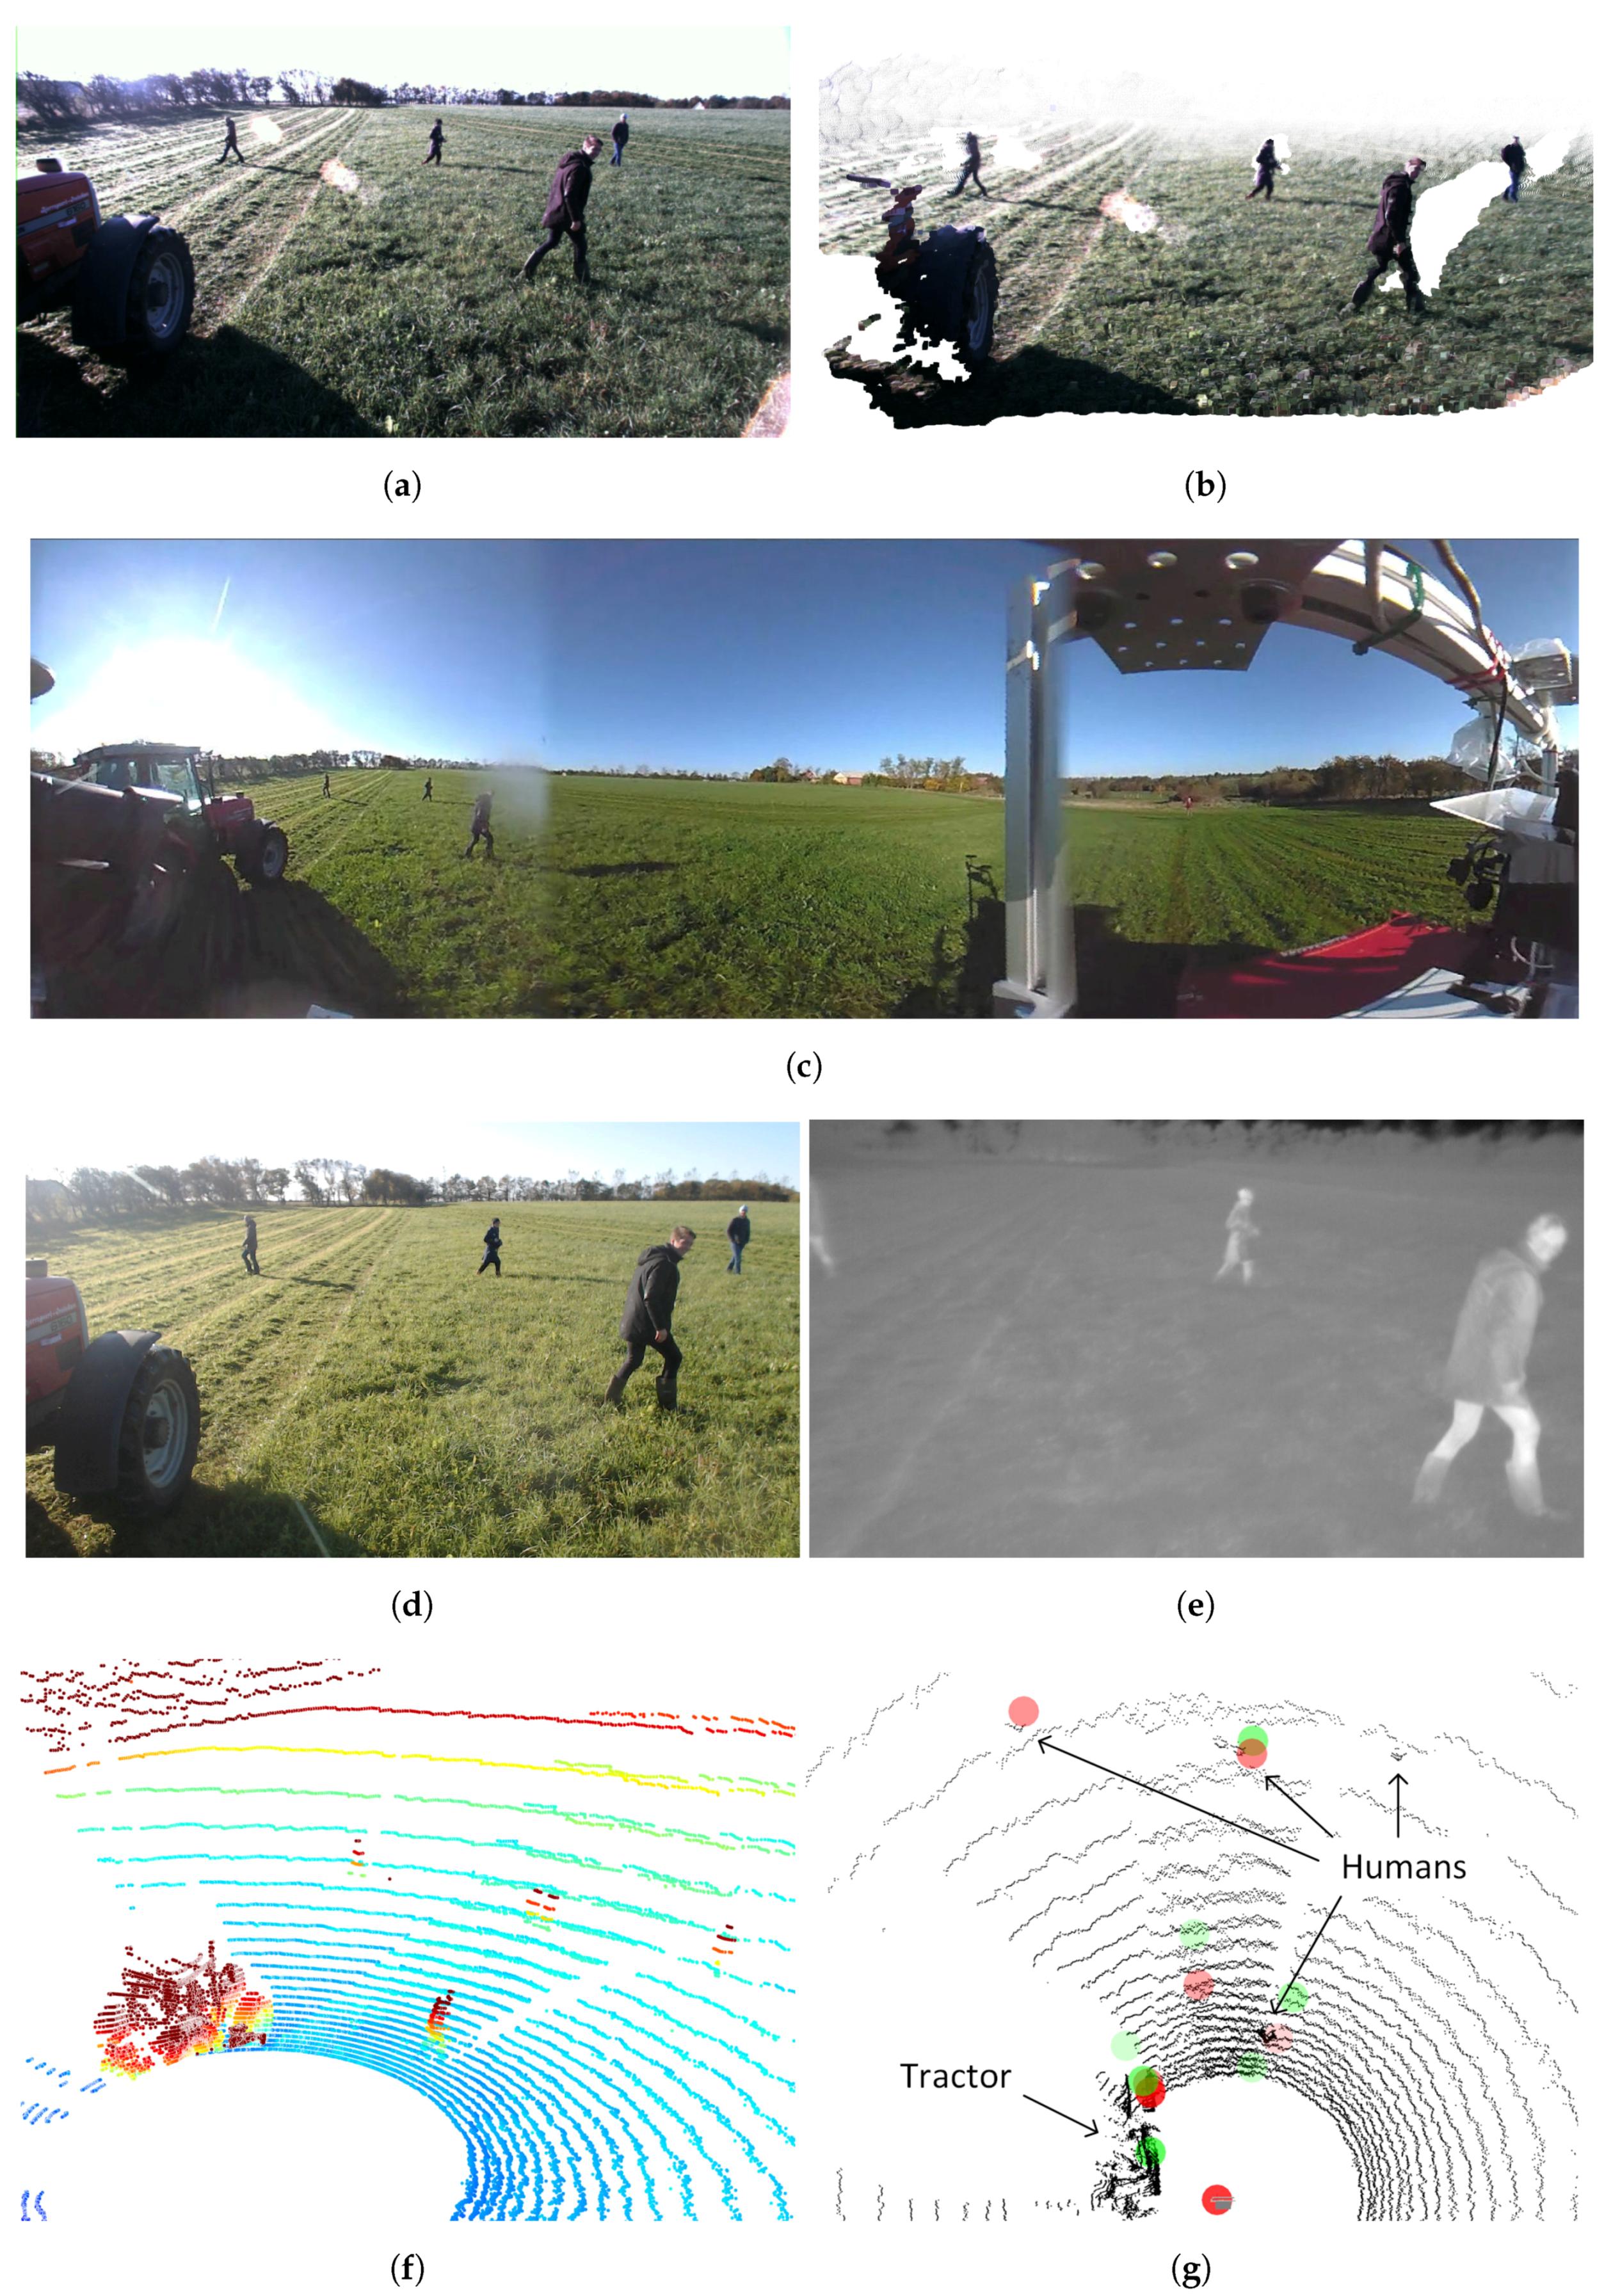 Sensors | Free Full-Text | FieldSAFE: Dataset for Obstacle Detection